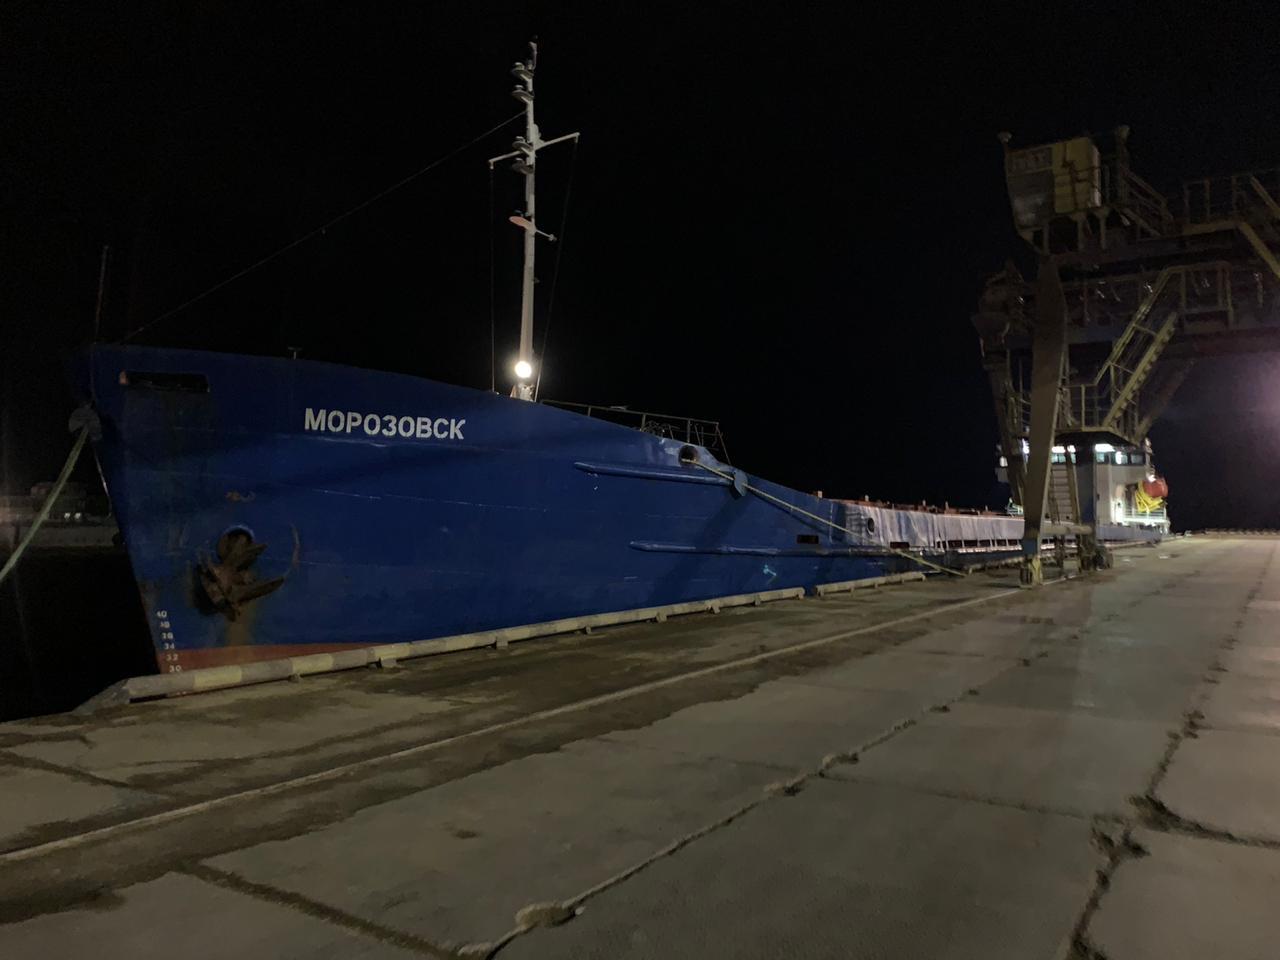 В Ростове проводится проверка по факту смерти капитана теплохода «Морозовск»